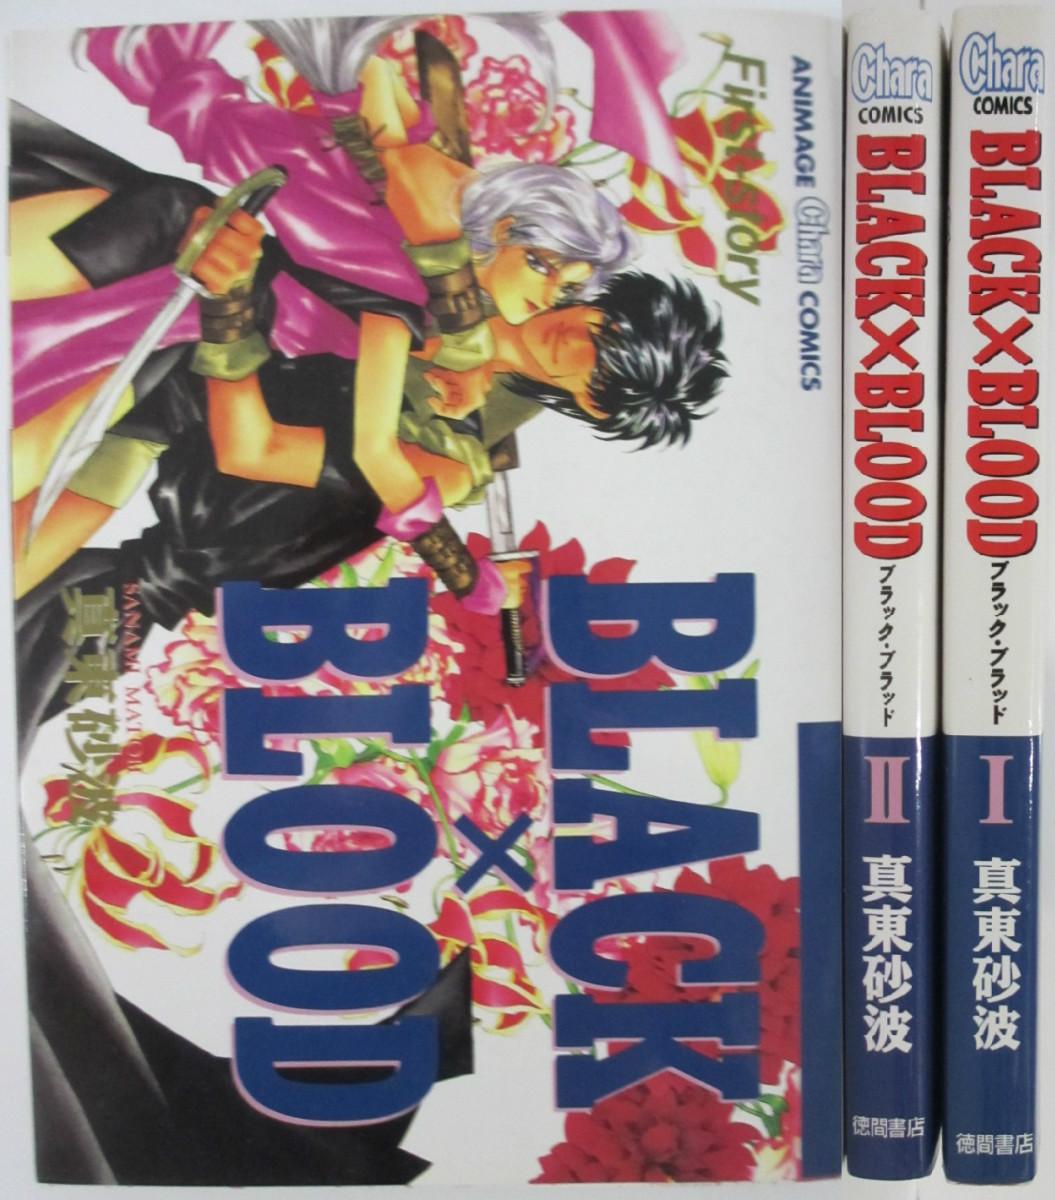 人気上昇中 中古 BLACK×BLOOD 全巻セット セール 特集 1-2巻 真東砂波